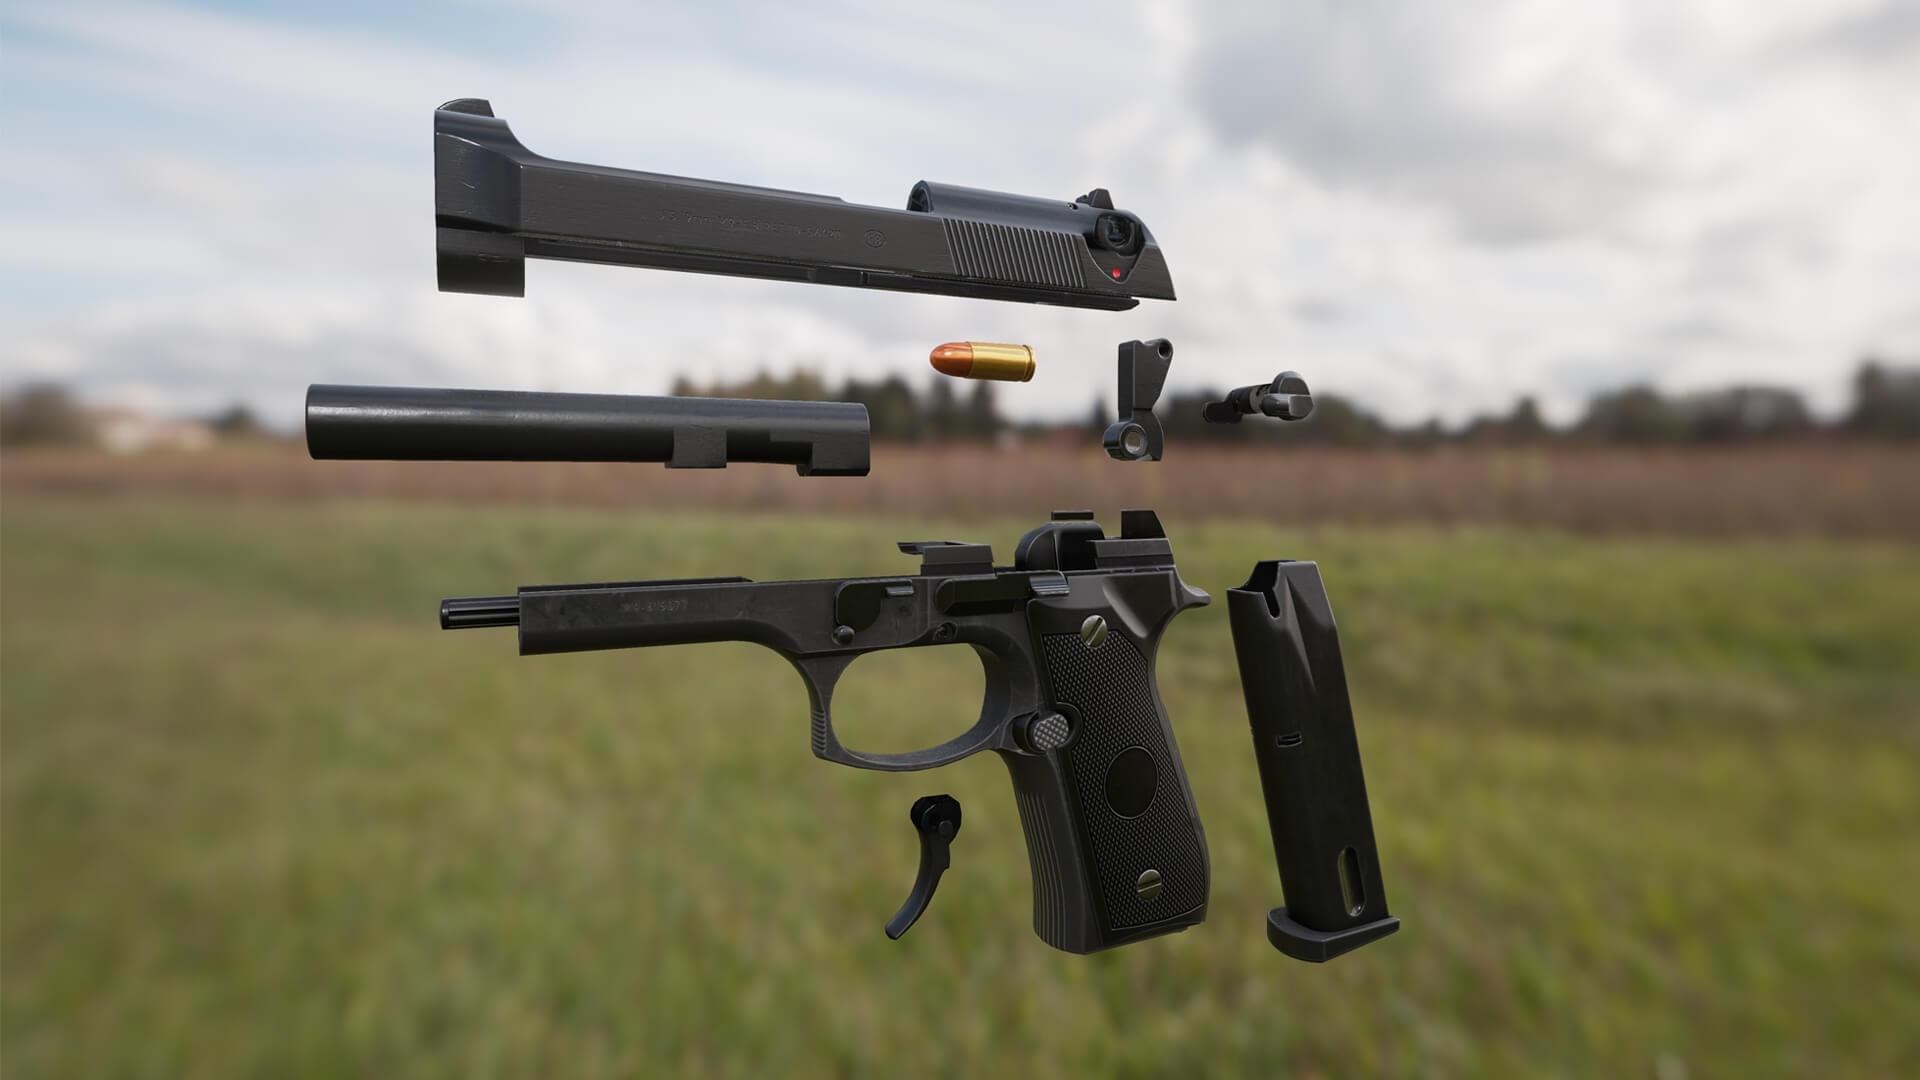 3D Weapon - Pistol parts